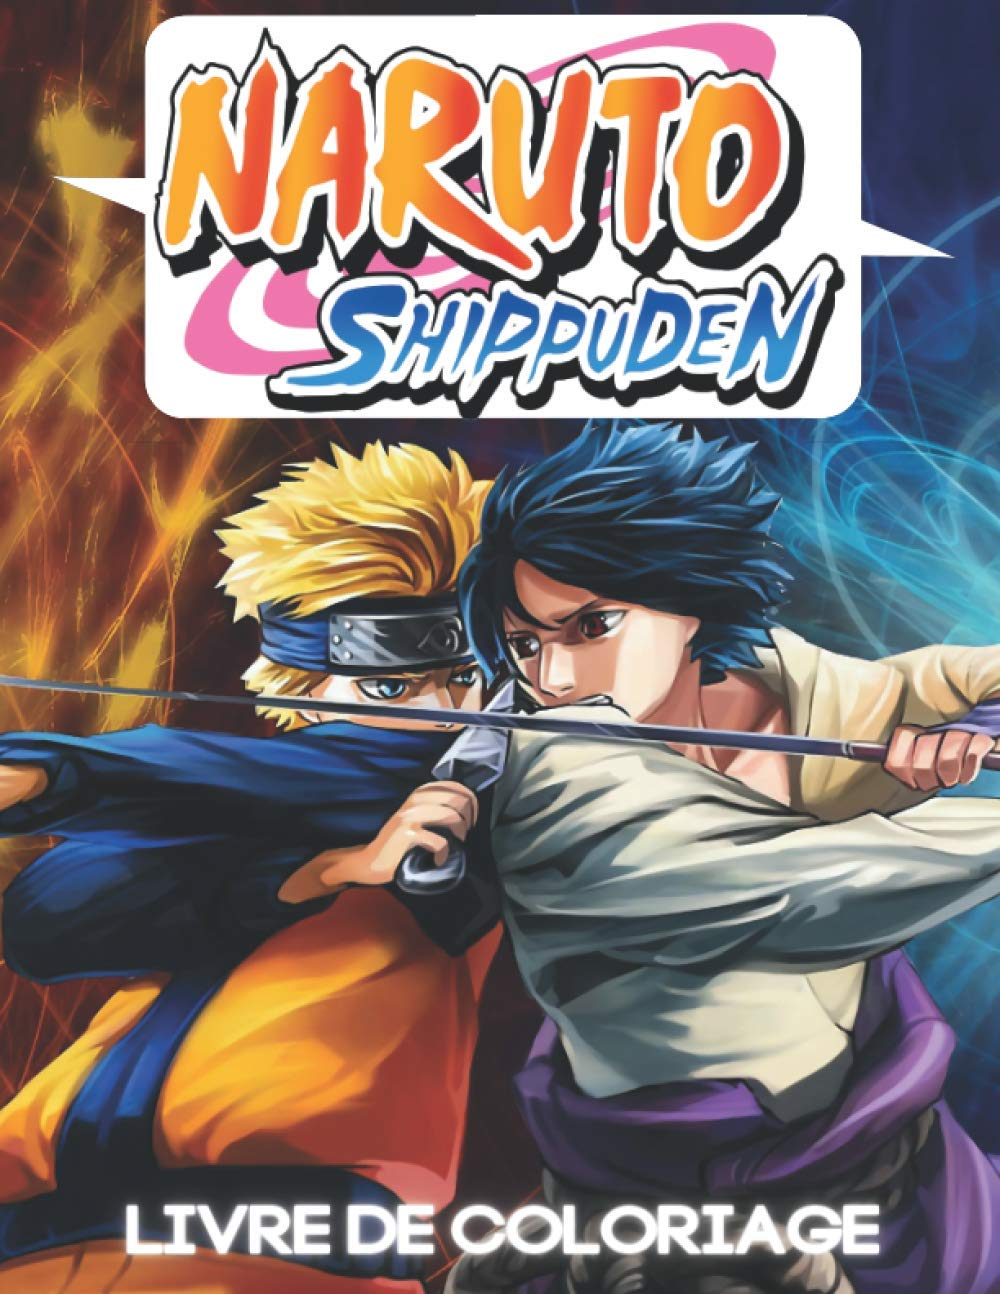 Naruto Shippuden Livre De Coloriage Naruto Shippuden Livre A Colorier Pour Enfants Et Adultes 35 Hd Unique Dessin A Colorier De Naruto Sasuke Et D Autres Haute Qualite Amazon Ca Books Pro Coloring